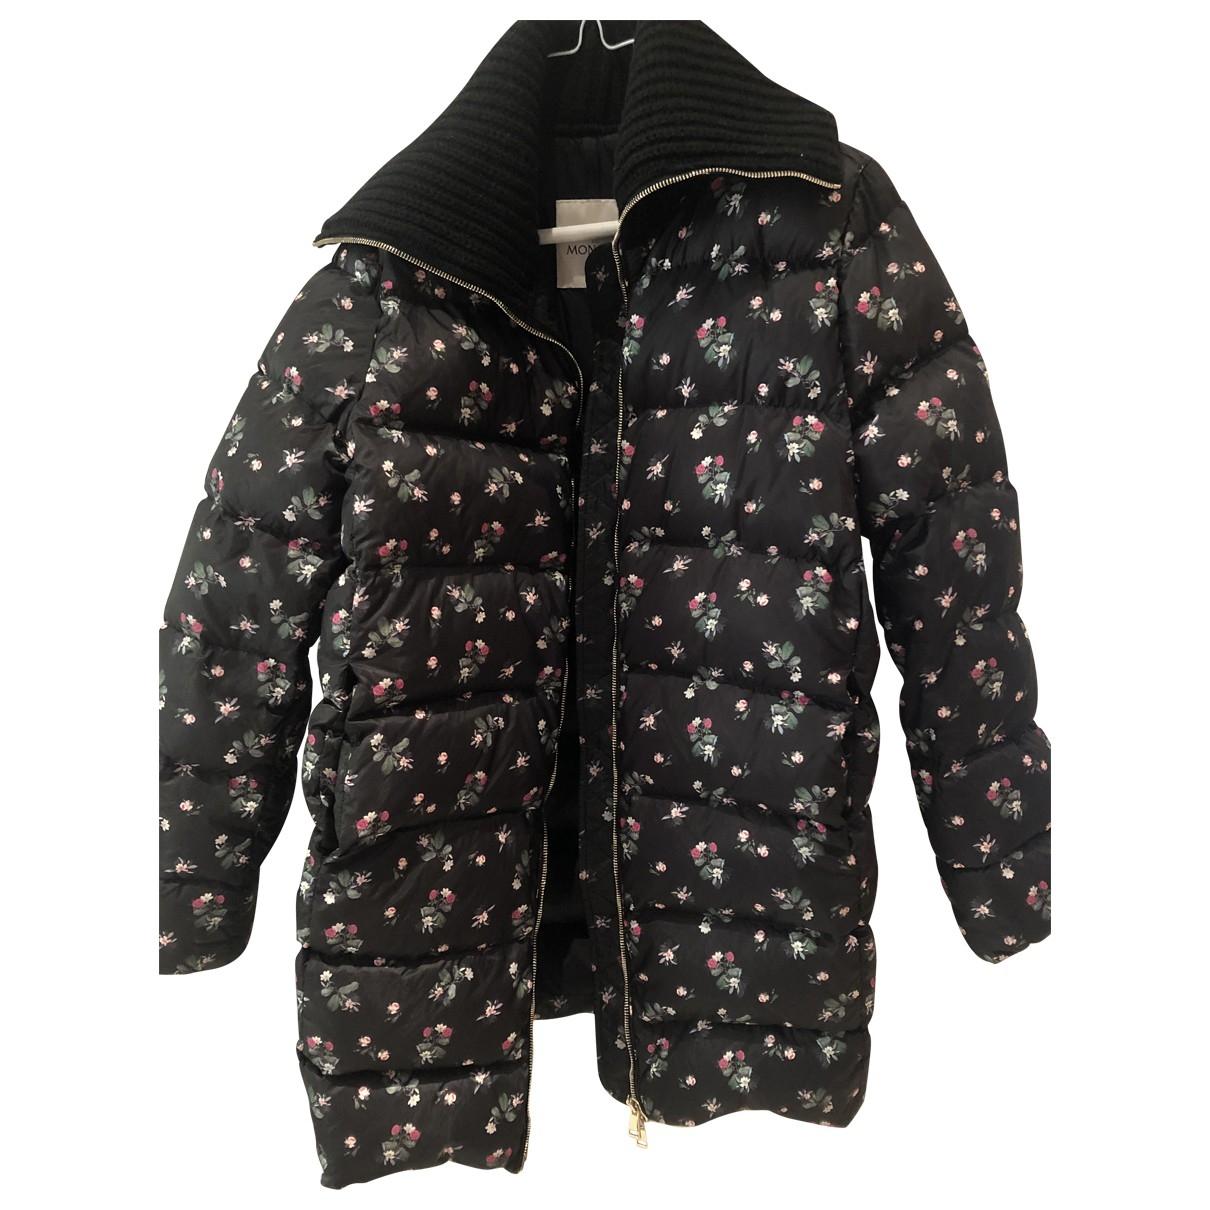 Moncler - Manteau Print pour femme - noir